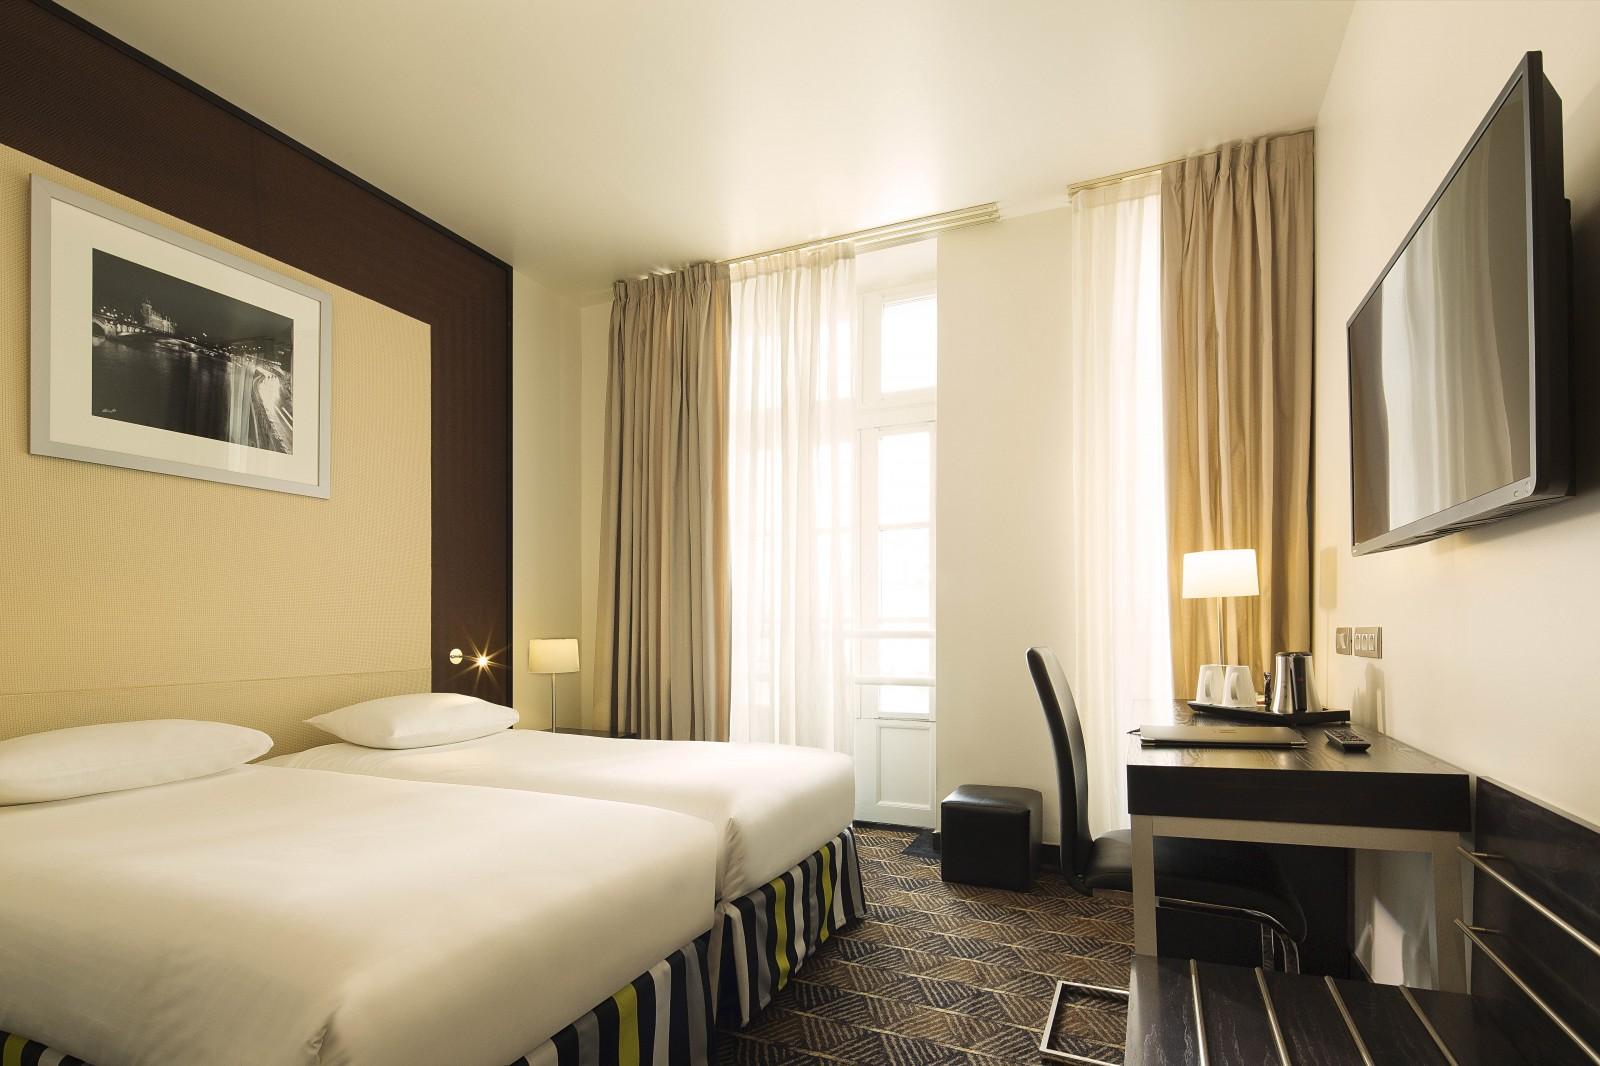 H tel le m paris site officiel chambre classique for Hotel paris chambre 4 personnes